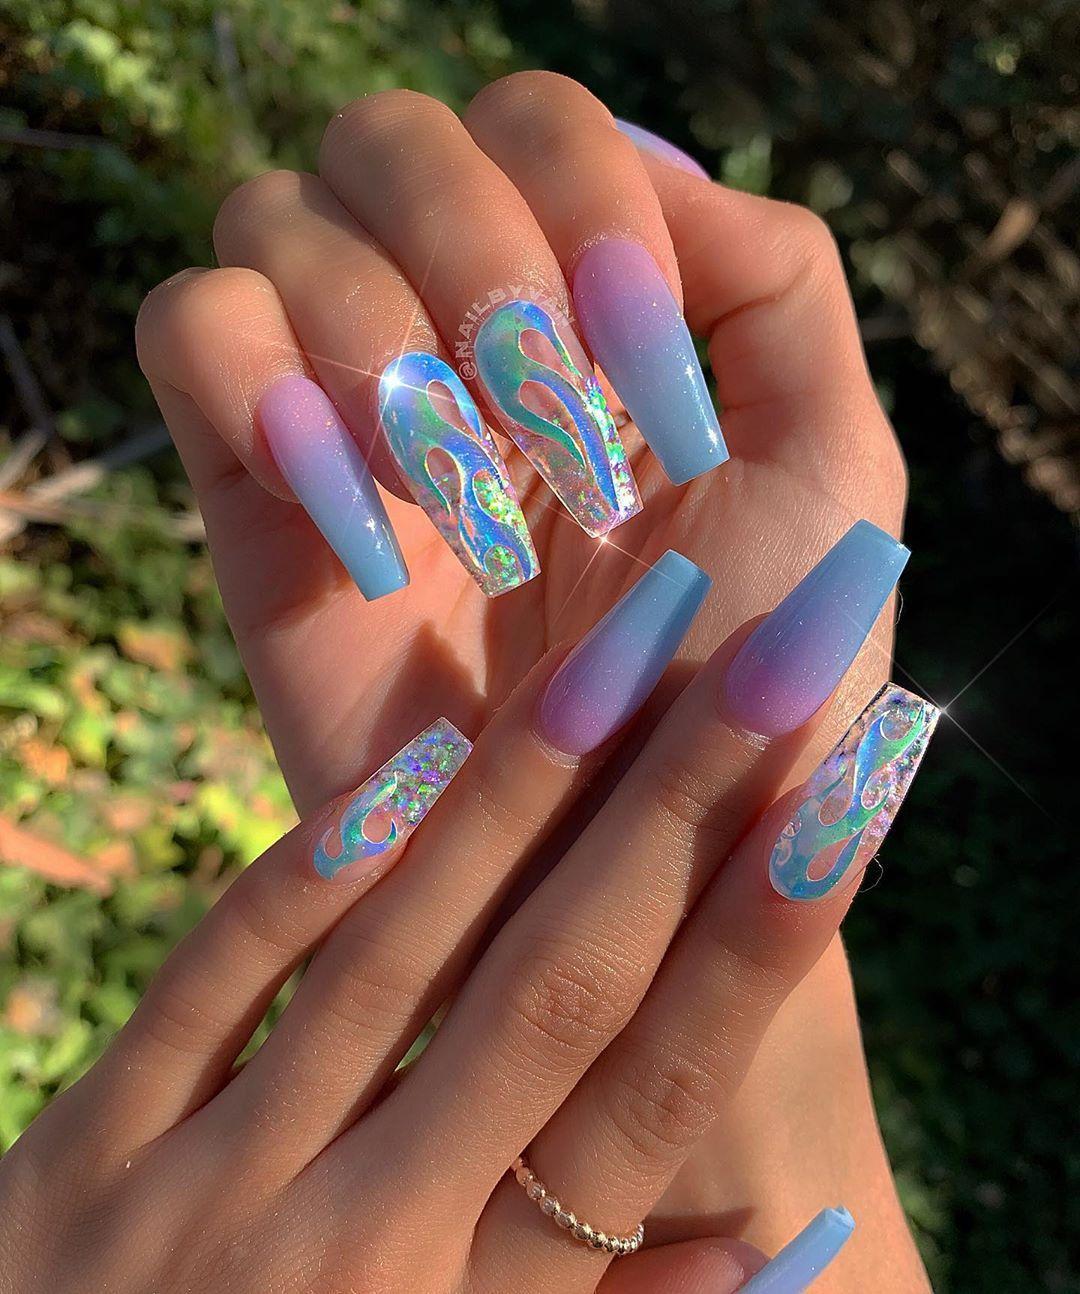 """VAN🌈🎨💅 on Instagram: """"#nailart #nailsofinstagram #nailsonfire #nailsonfleek #nail #nail_me_good_ #Instagram #Nail #nailart #naildesigns #nailmegood #nailpro #Nails #nails arcylic #nails cute #nails dark #nails natural #nails spring #nailsfordays #nailsofinstagram #nailsonfire #nailsonfleek #post #profile #TheGlitterNail #VANs"""